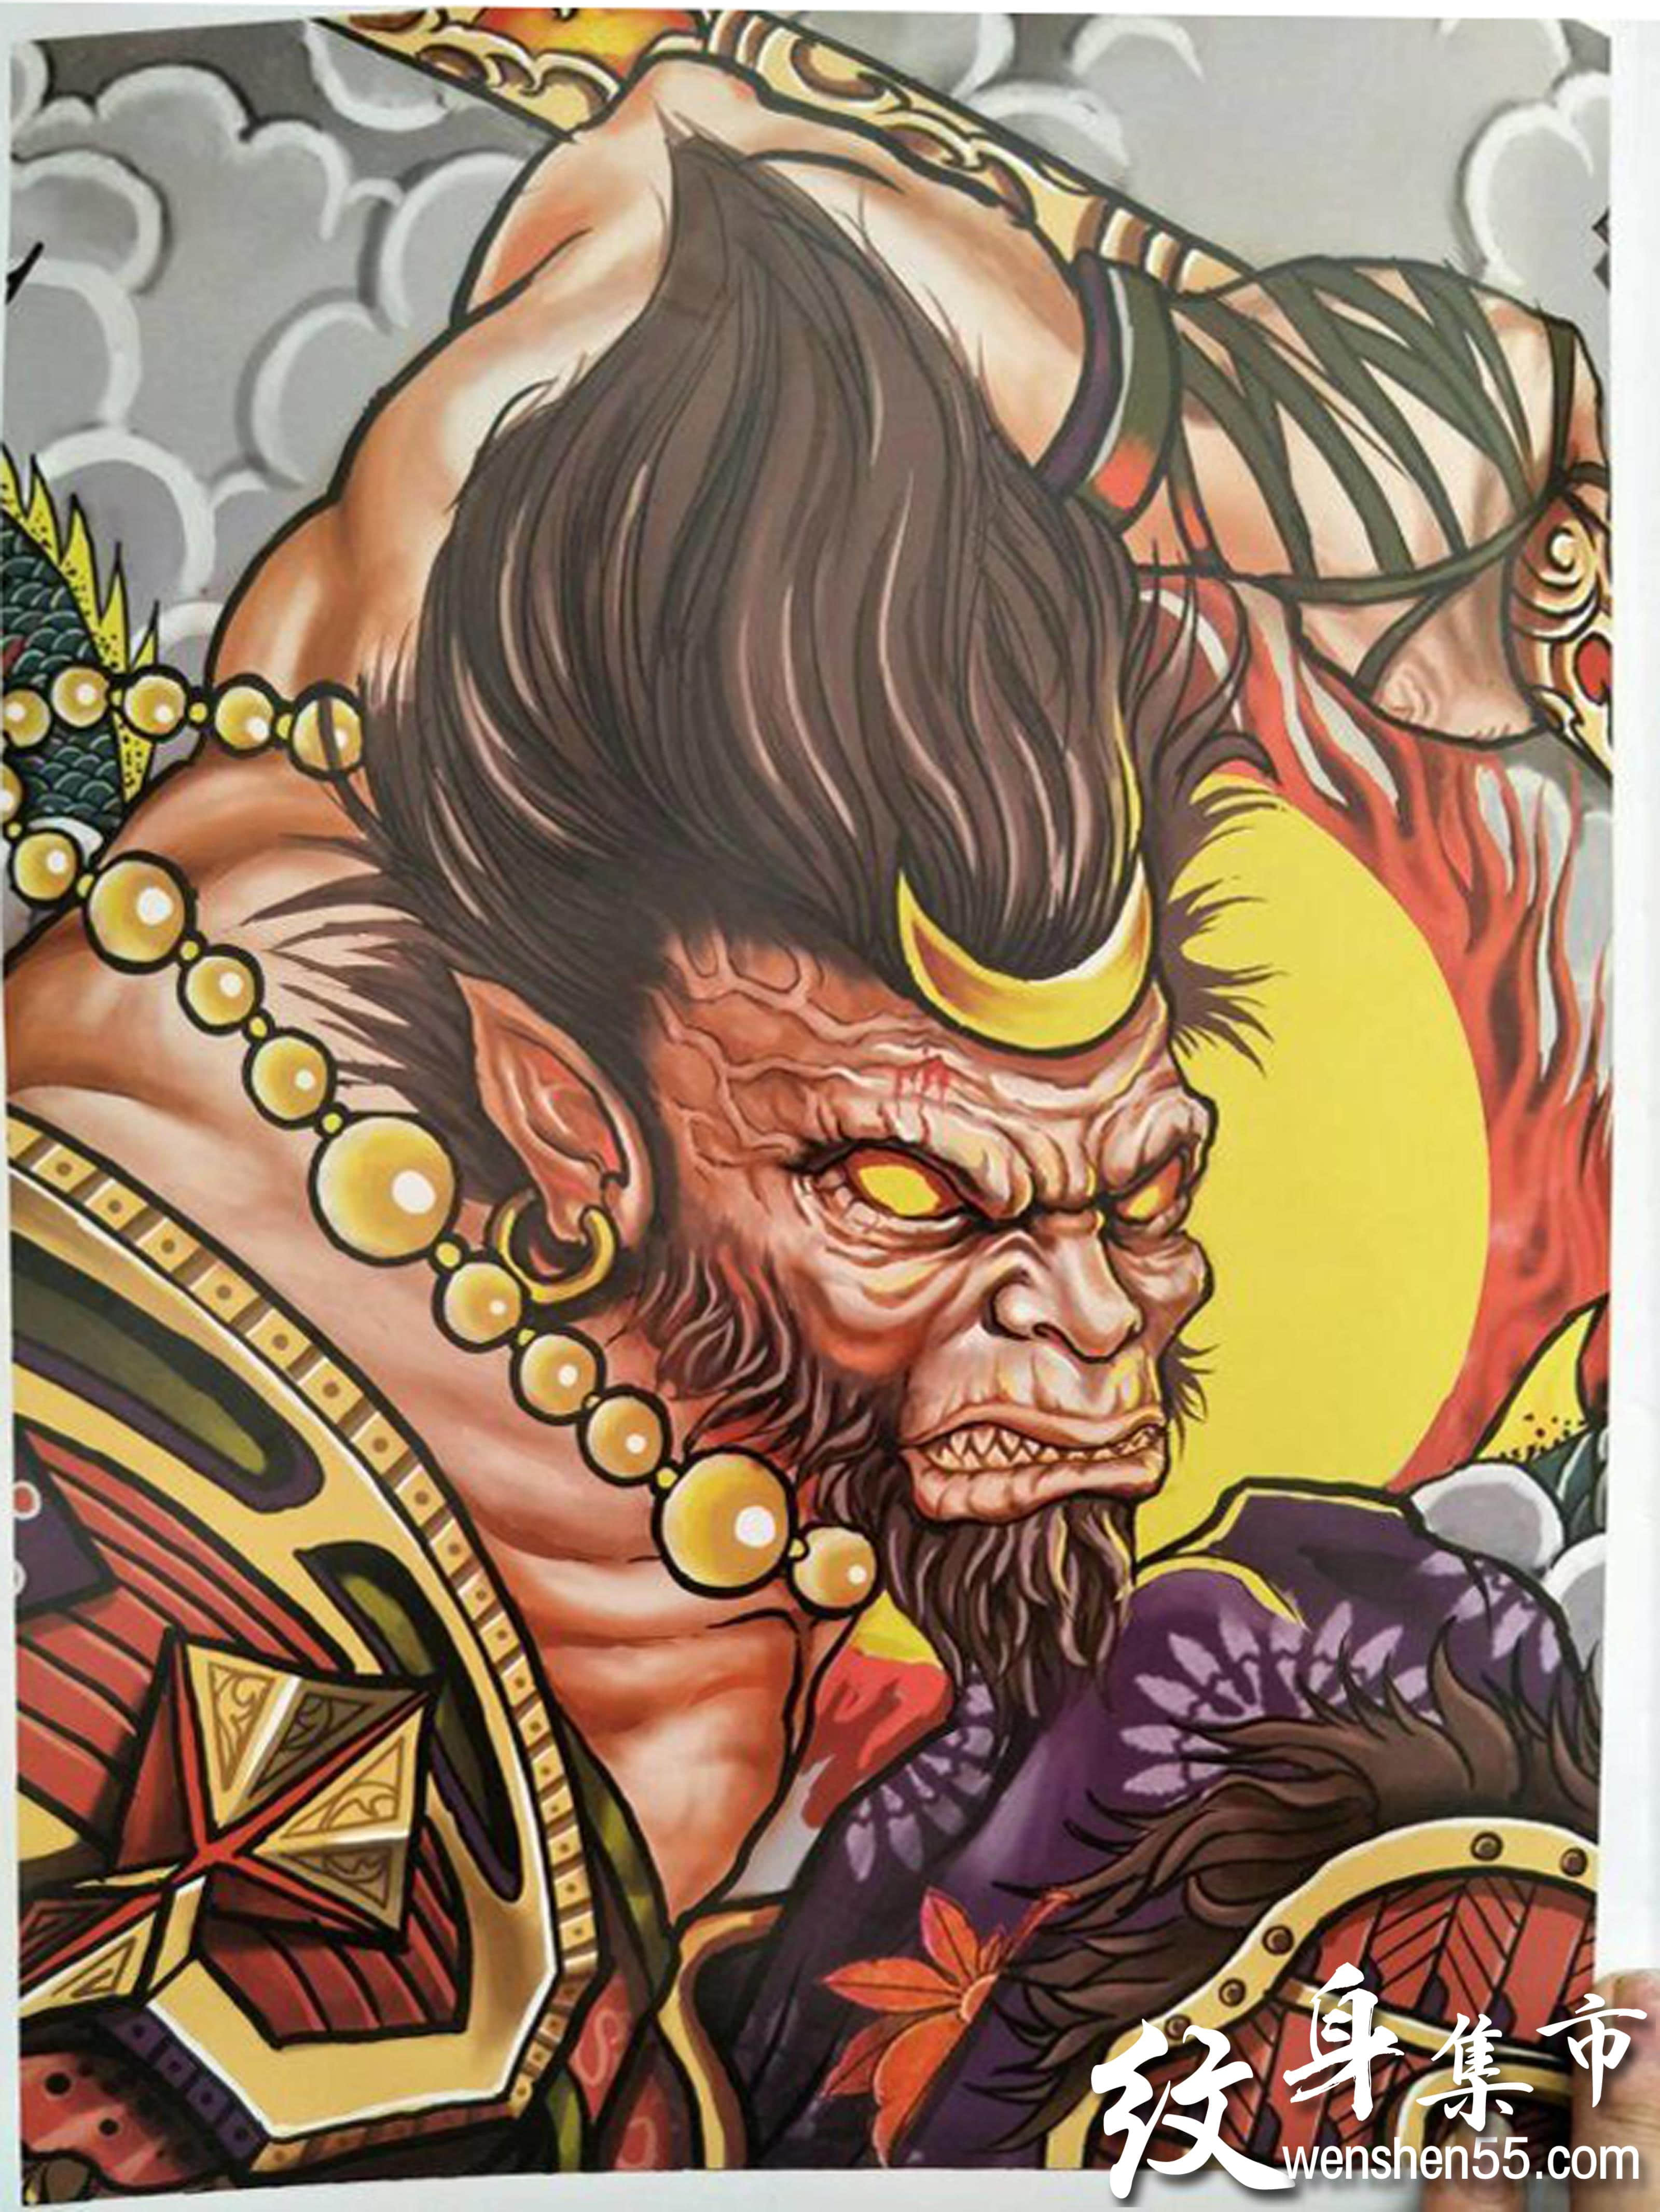 斗战纹身,斗战纹身手稿,斗战系列二郎神关羽纹身手稿图案